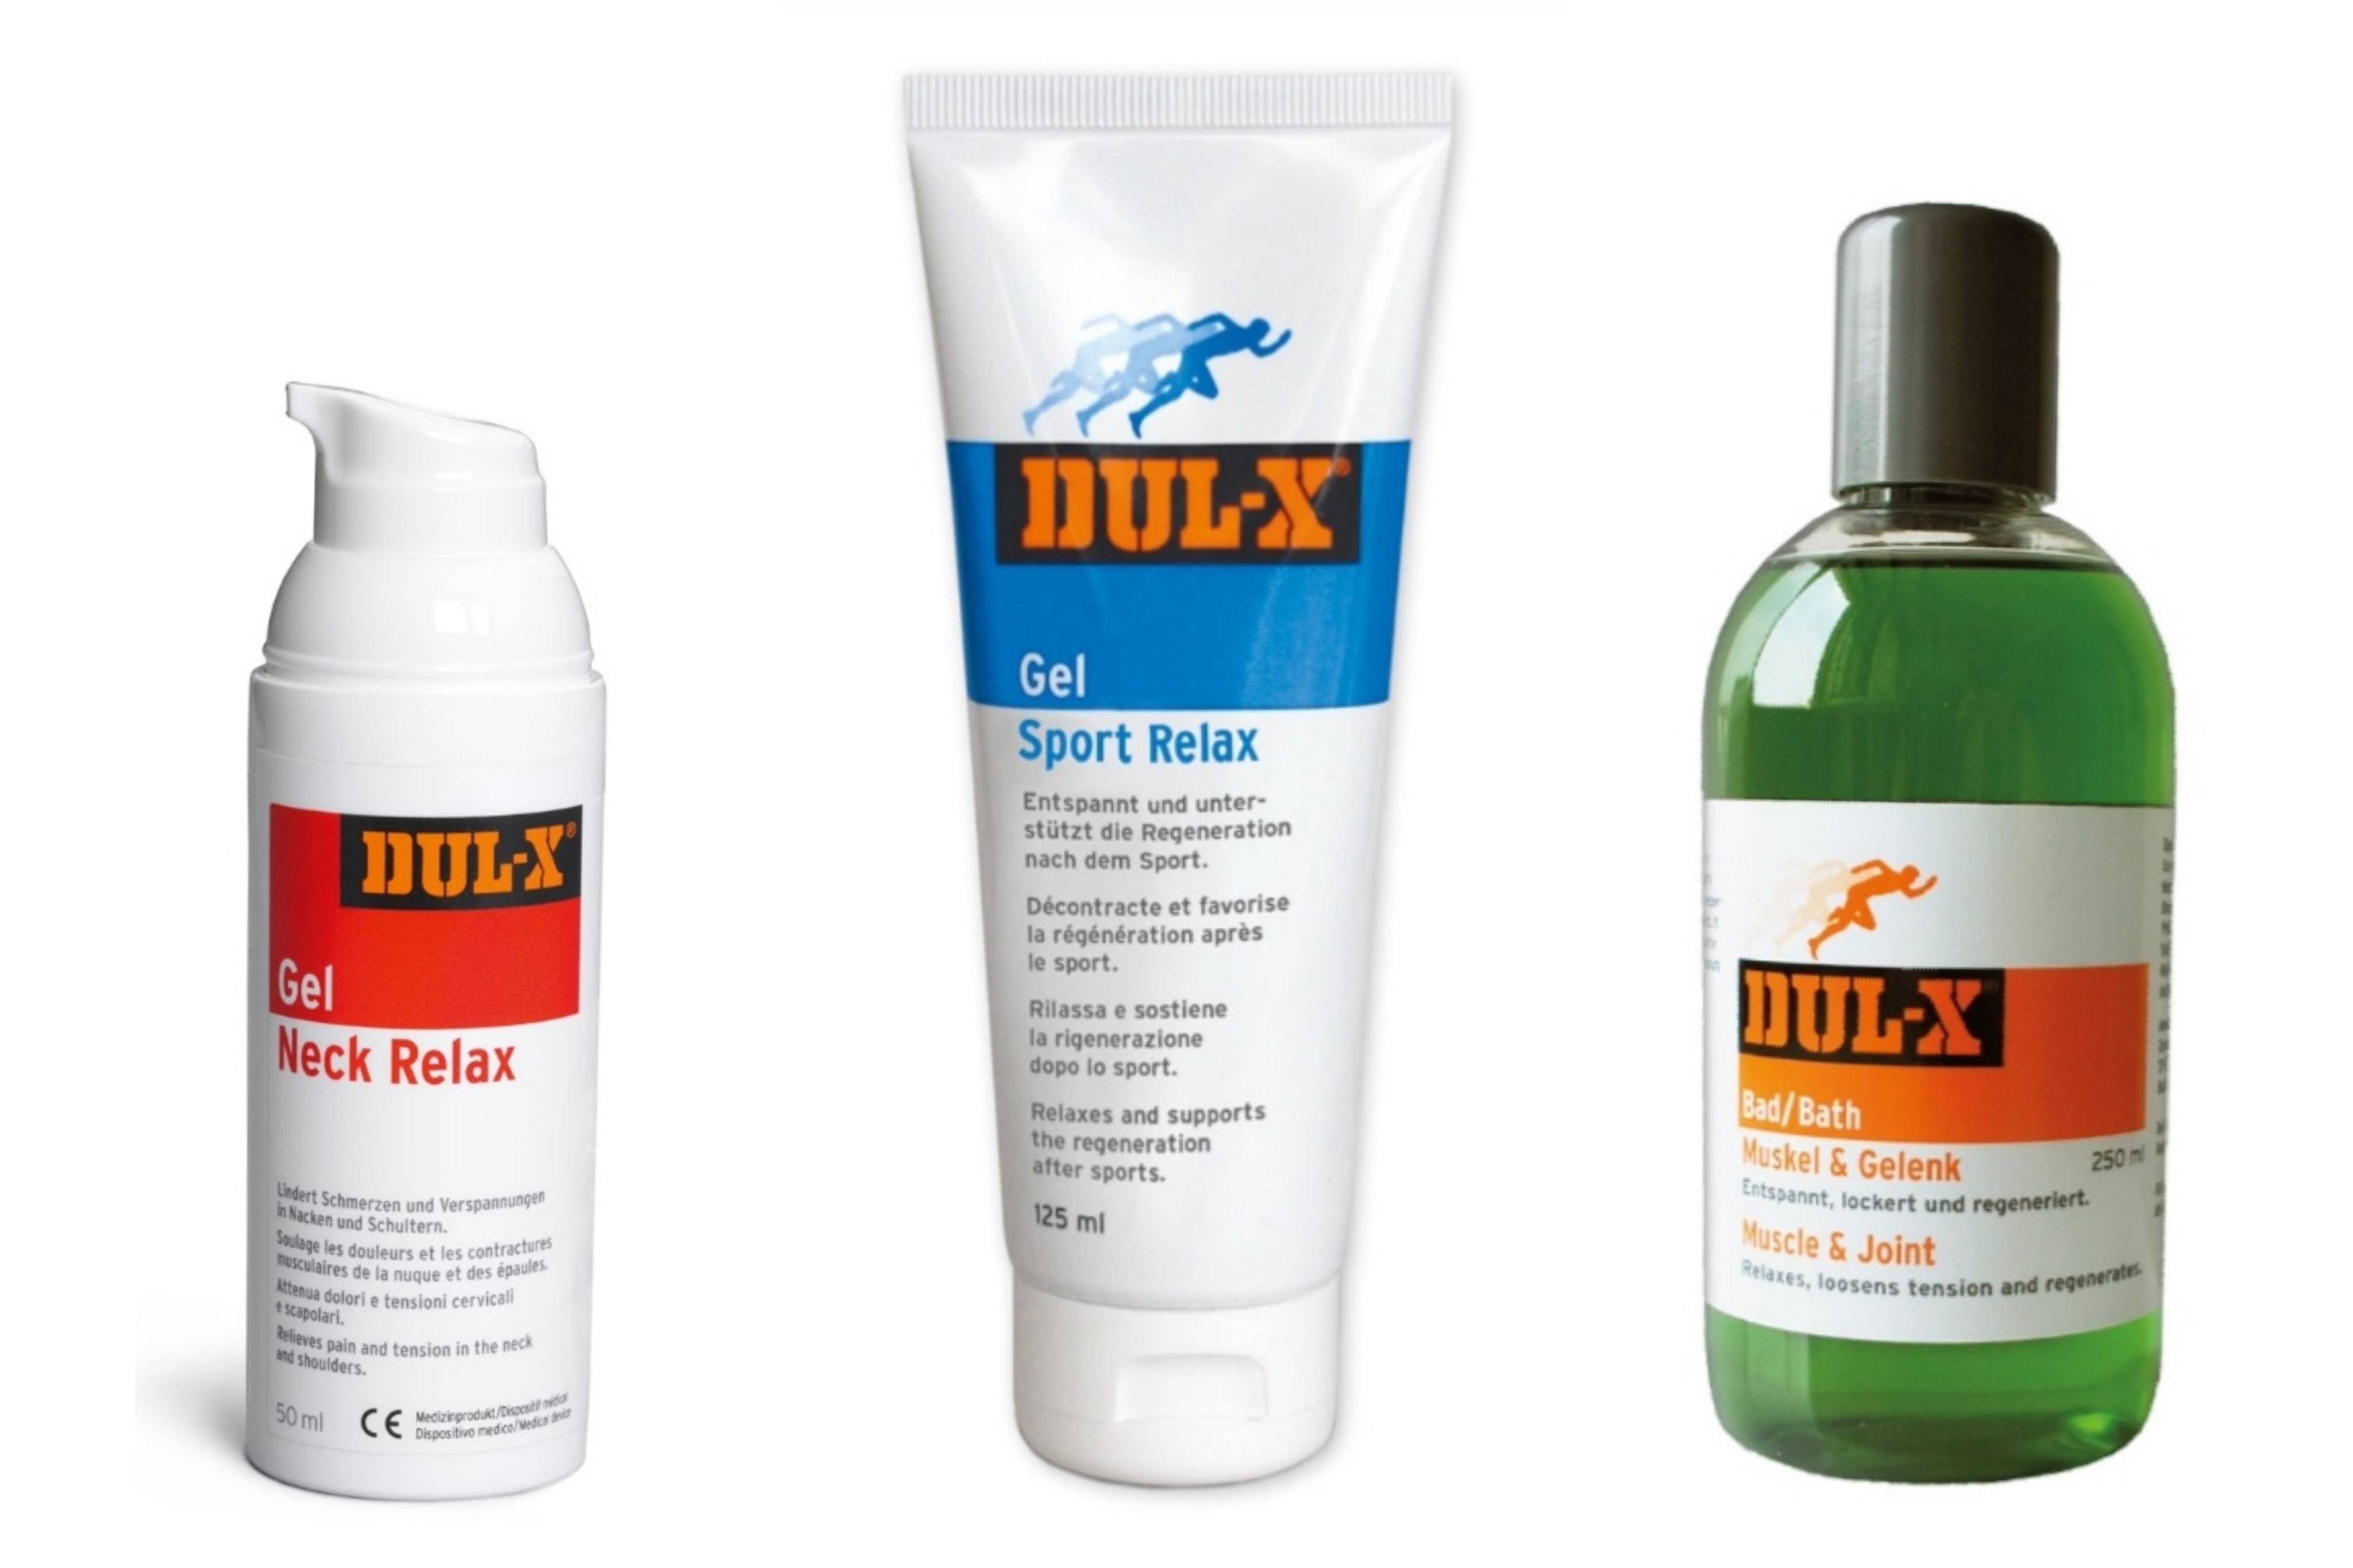 DUL-X Paket - Muskel/Gelenkbad, Sport Relax und Neck Relax Gel